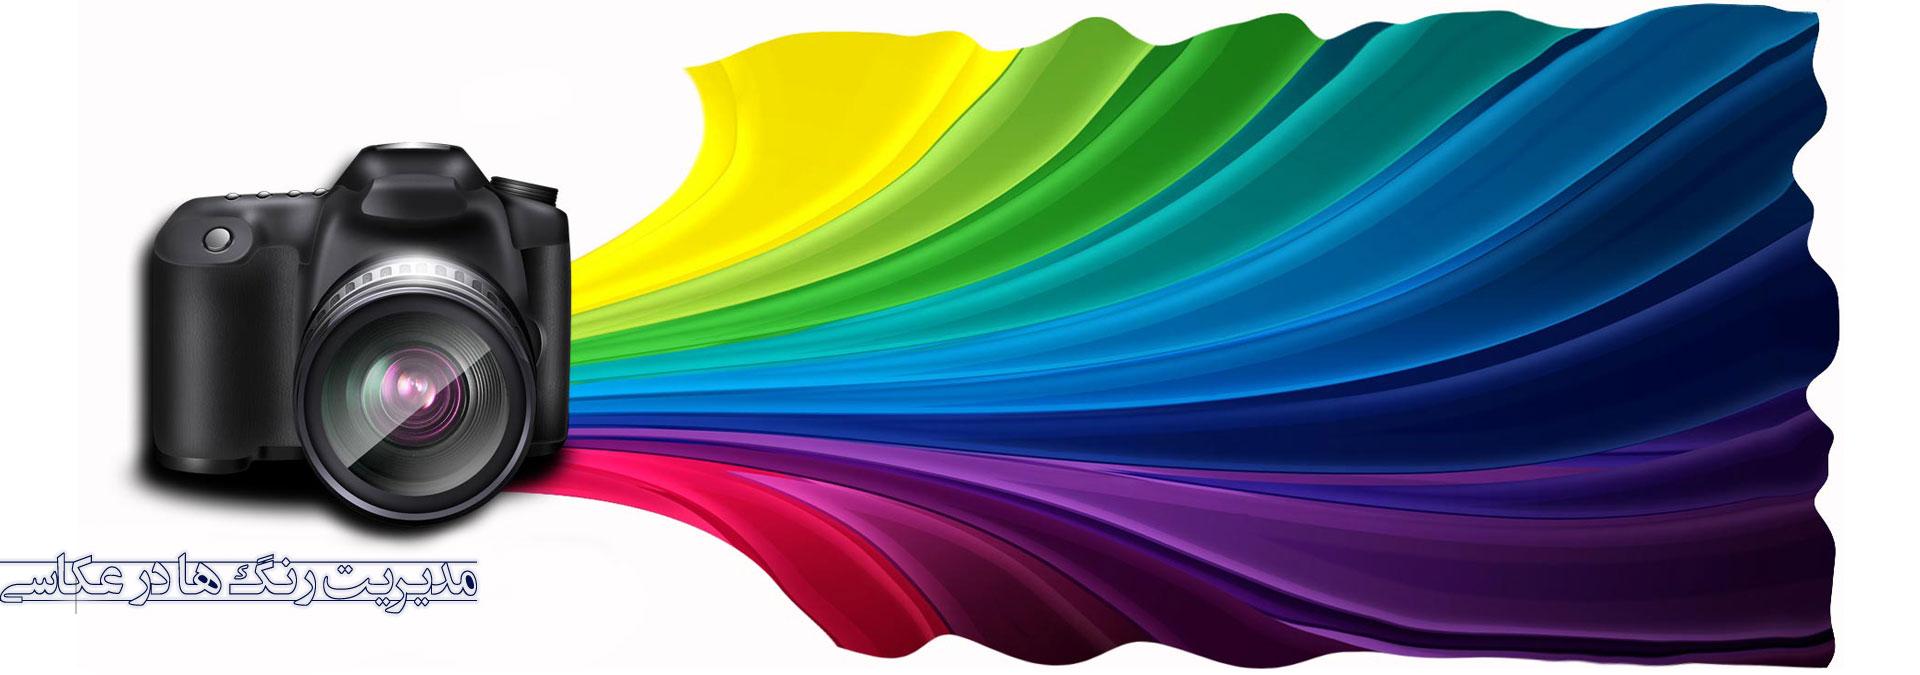 akaci rang sar 1 - مدیریت رنگ ها در عکاسی می تواند ساده باشد